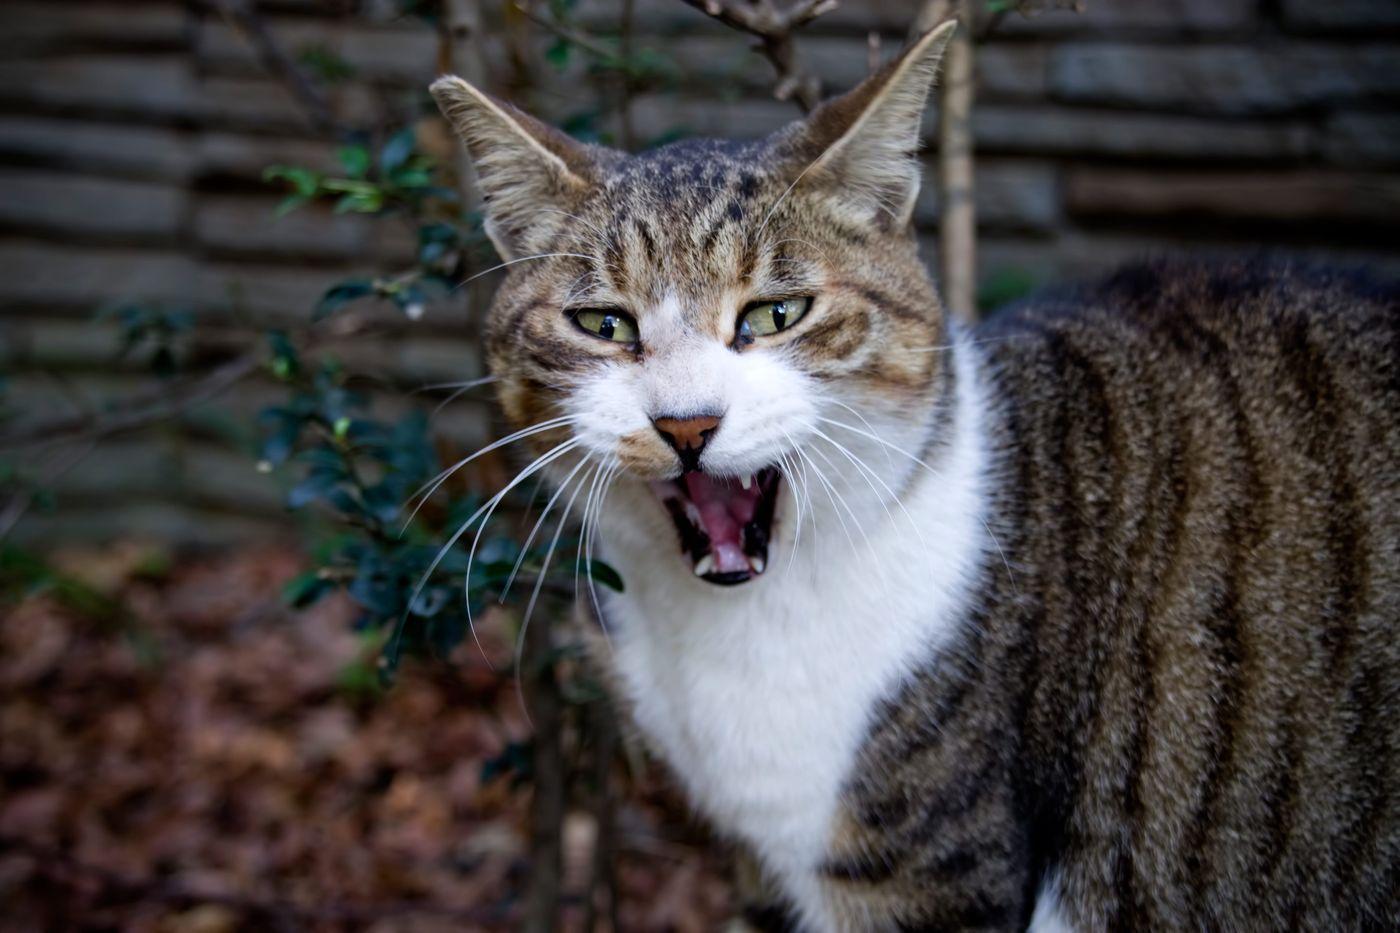 般若のような表情の猫の写真